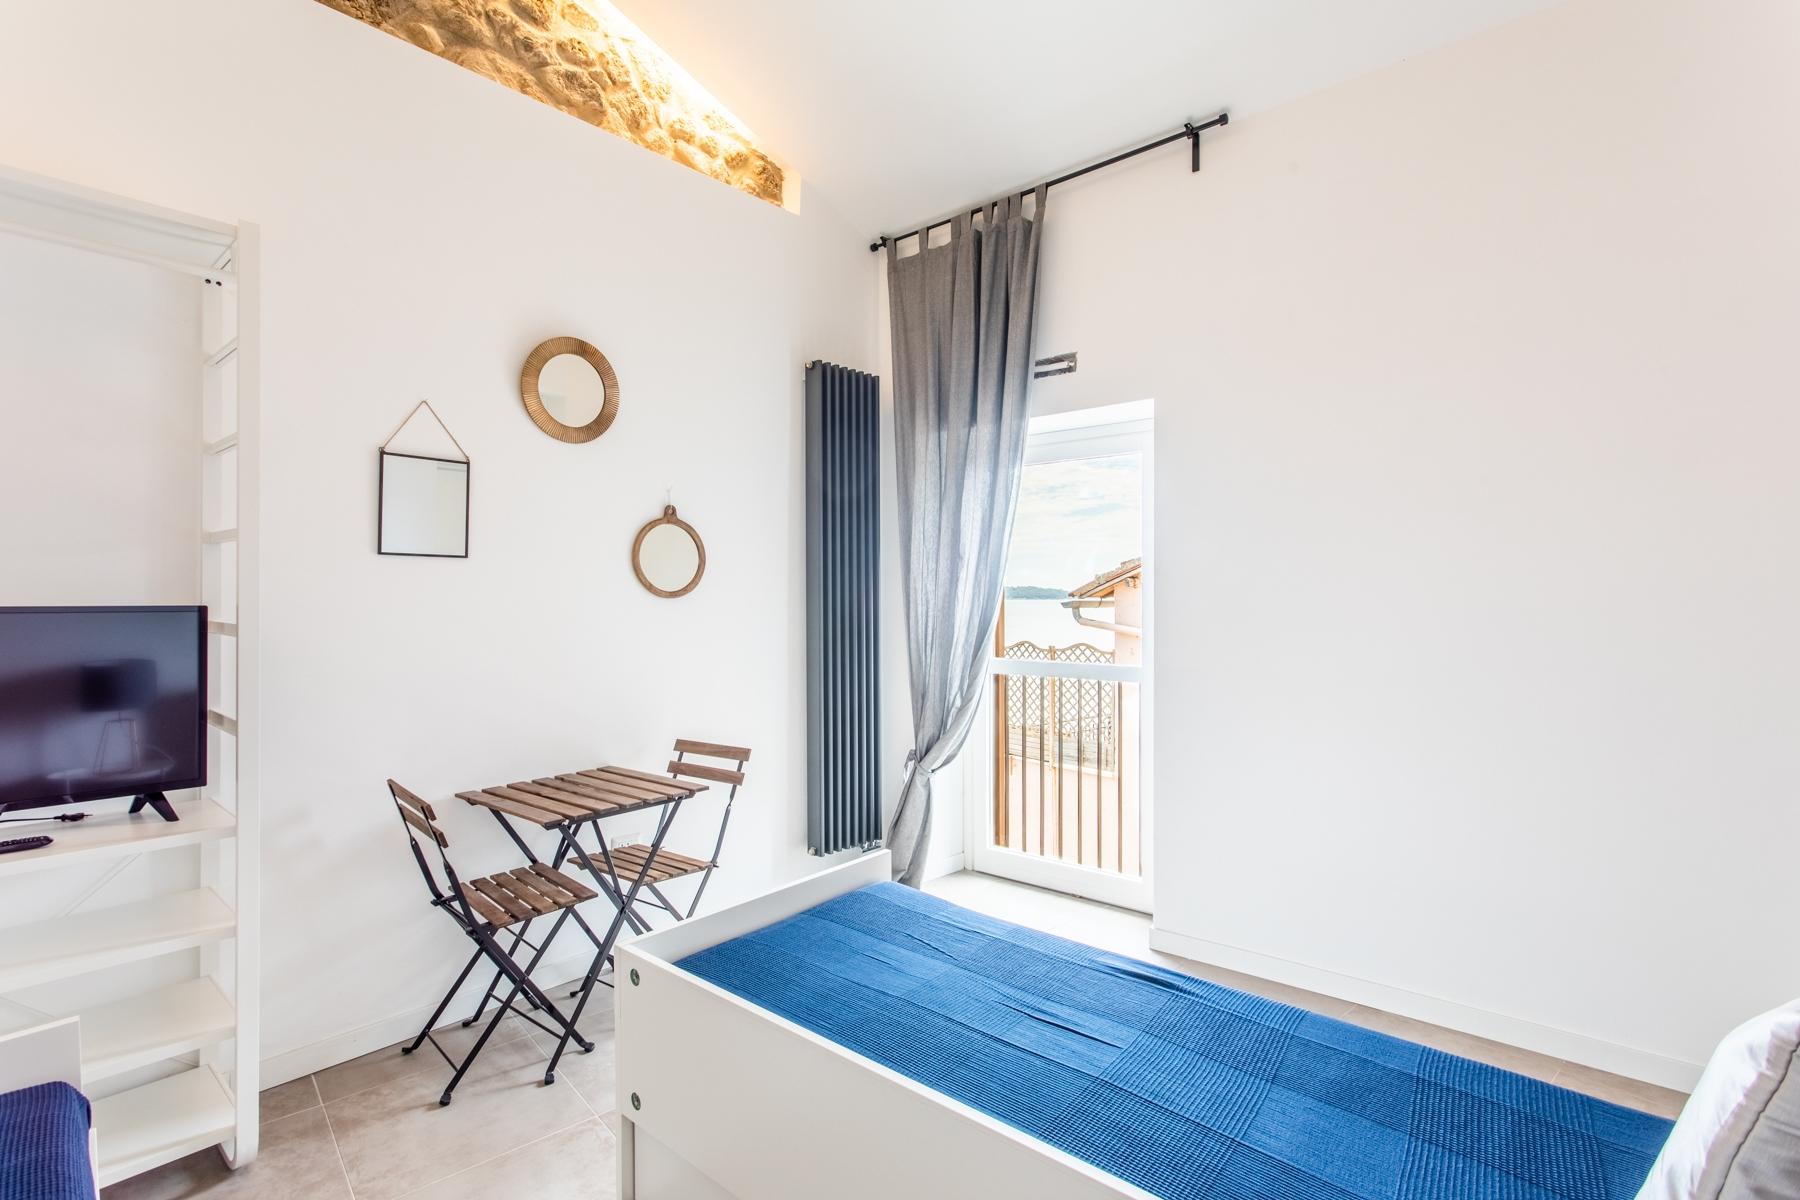 Appartamento in Vendita a Trevignano Romano: 4 locali, 85 mq - Foto 4